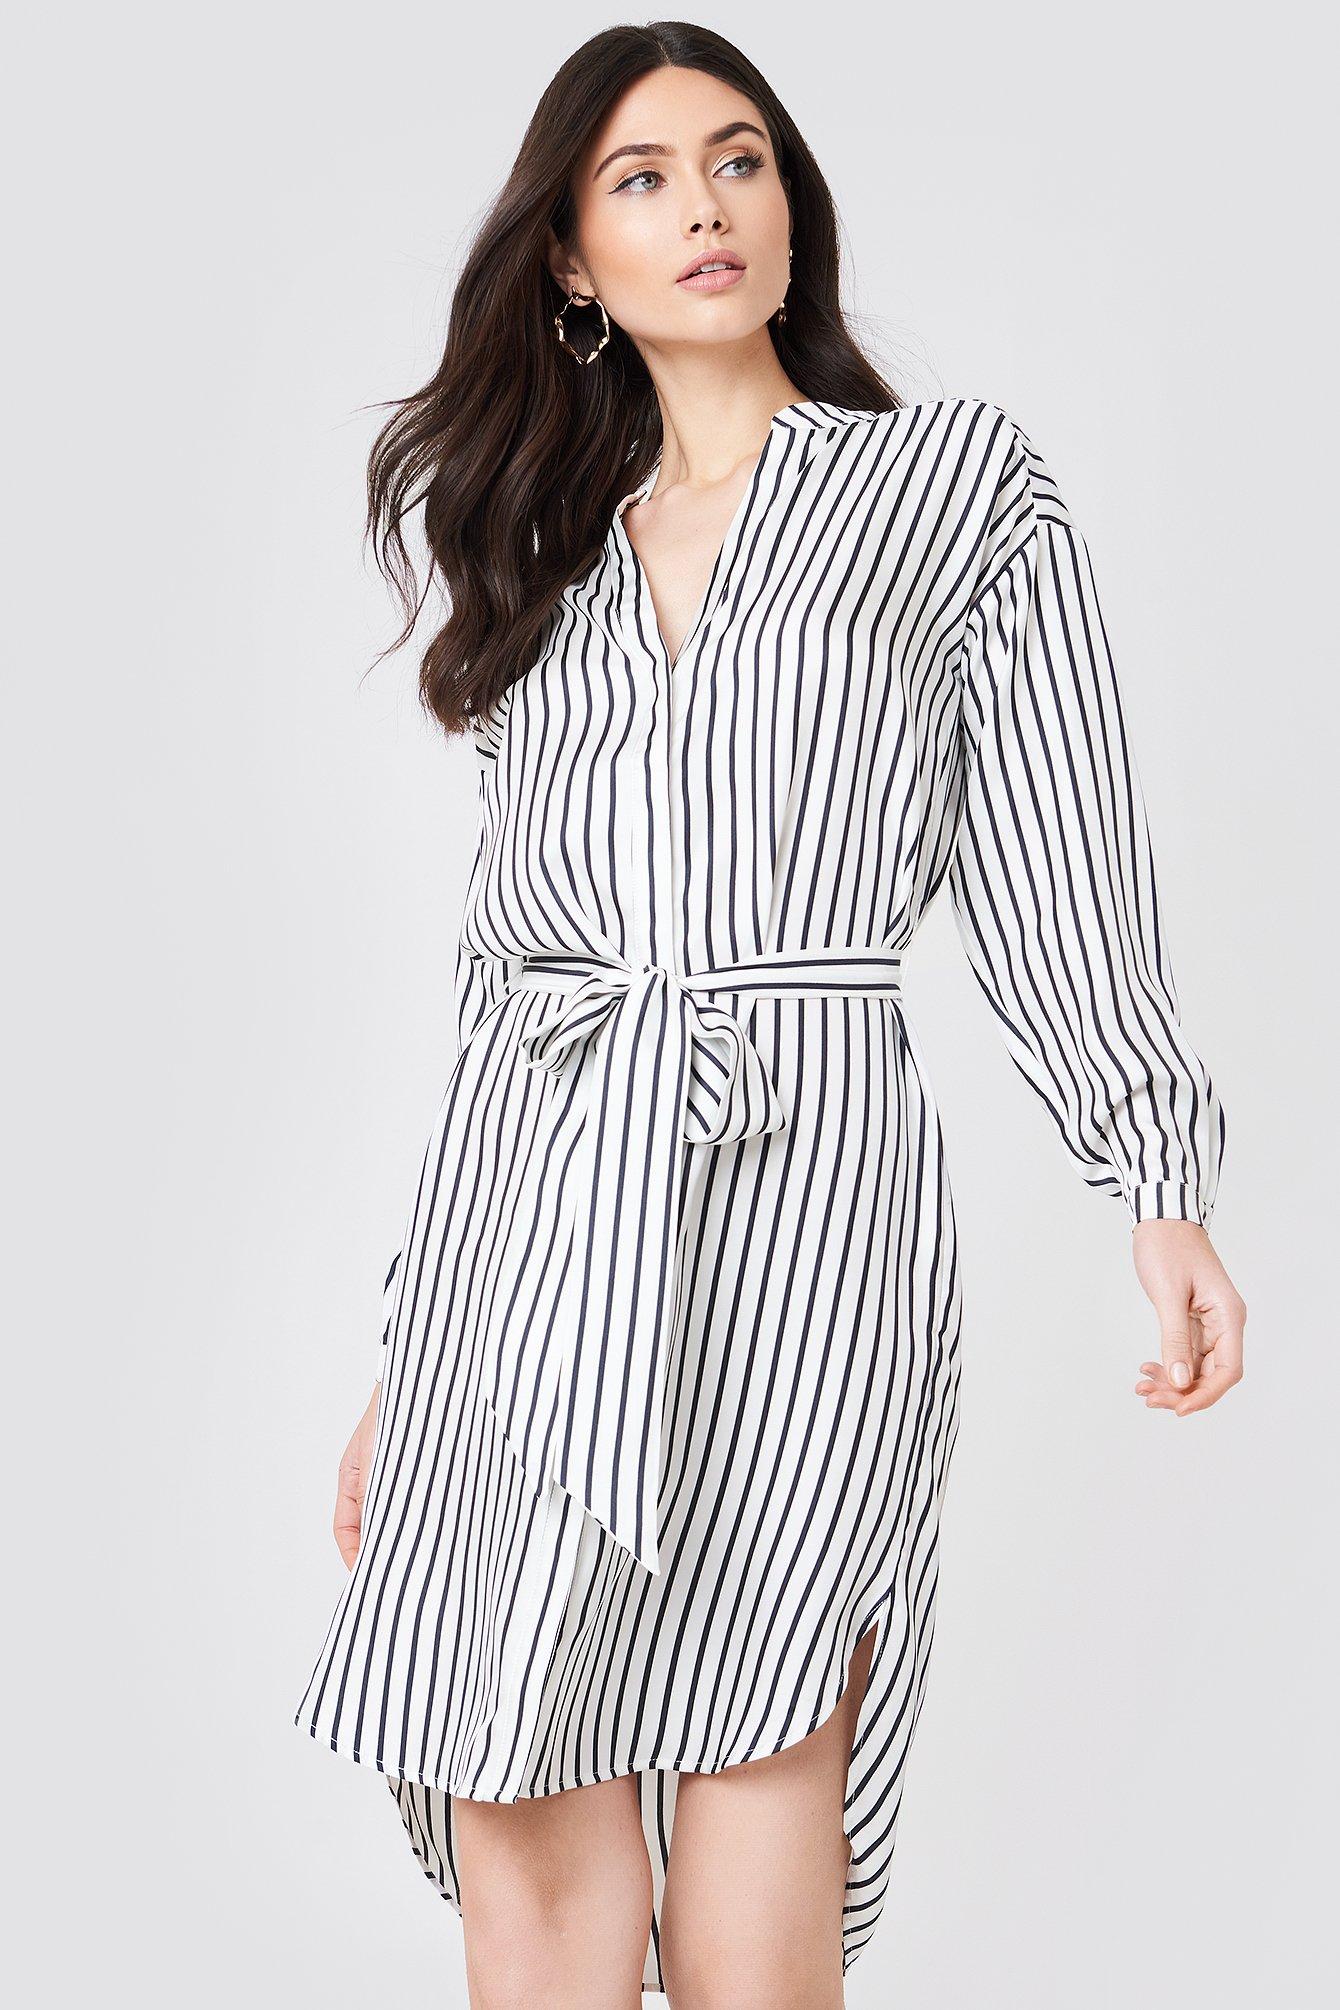 LISA DRESS - WHITE